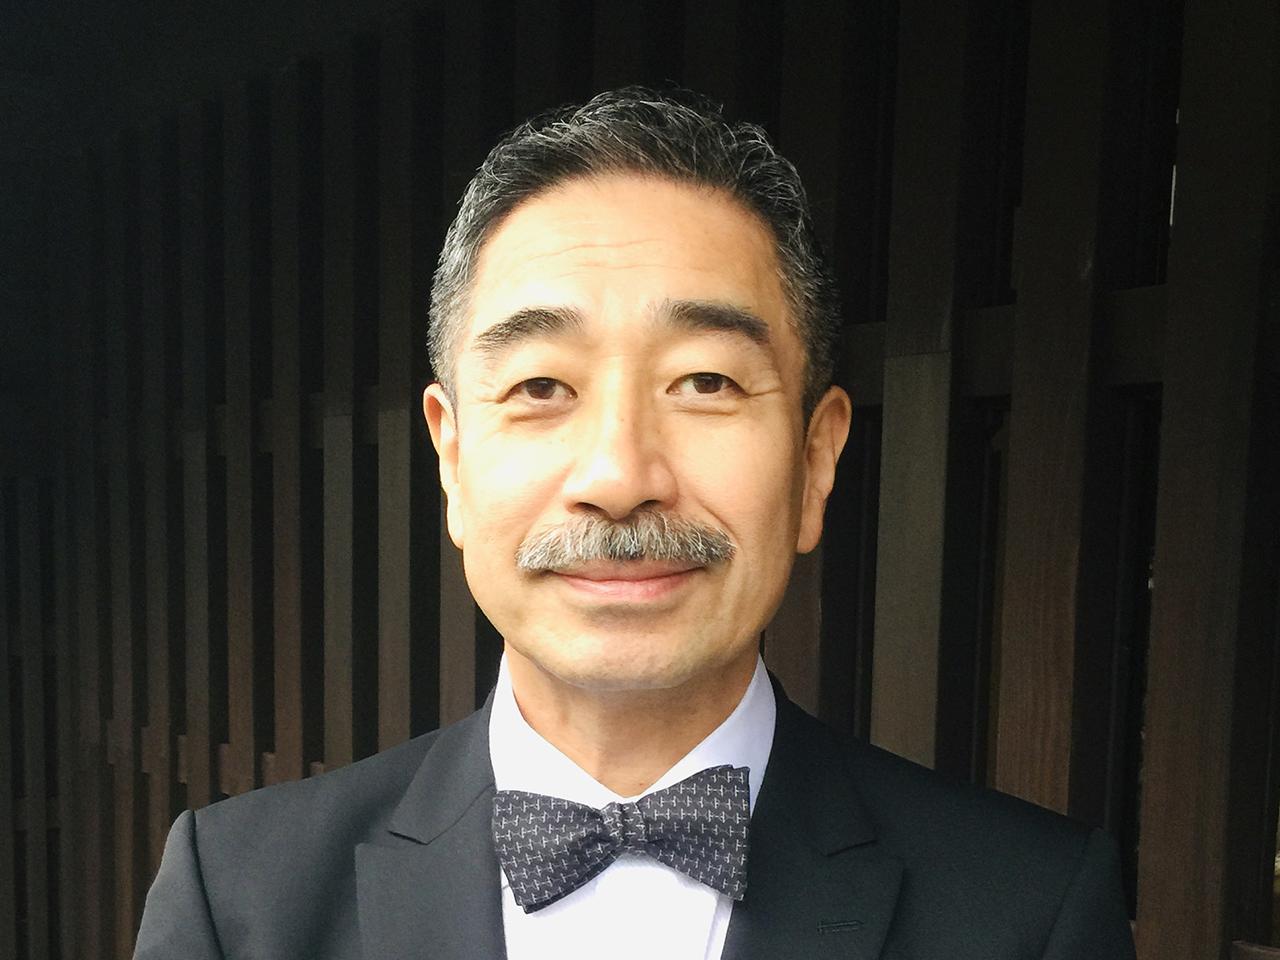 講師の増田徳兵衛さん